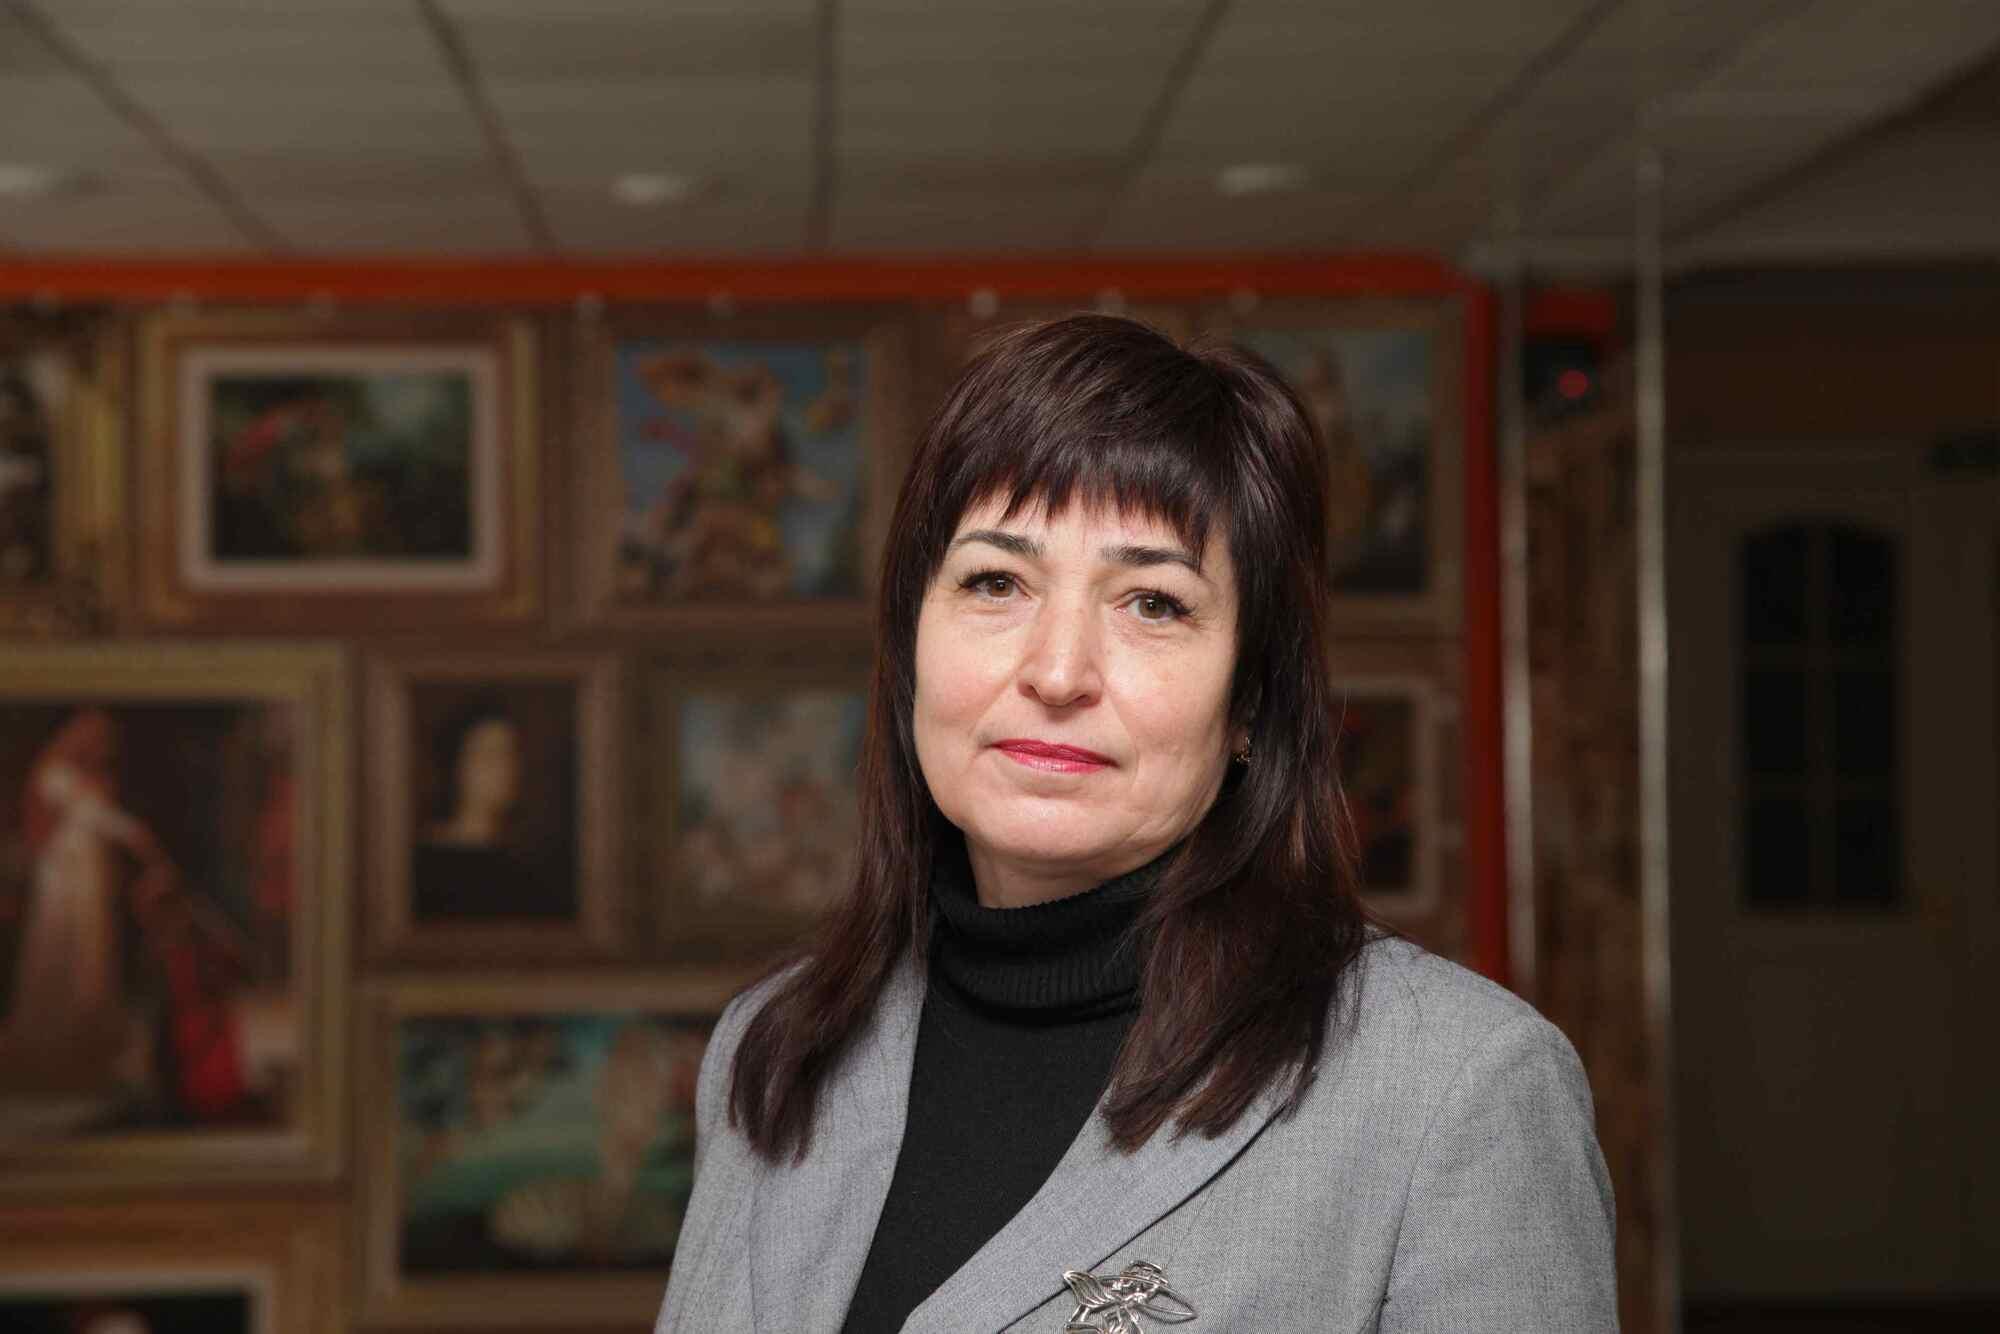 Директор школы №22 Наталья Ткач отметила, что здание не функционирует со второго семестра